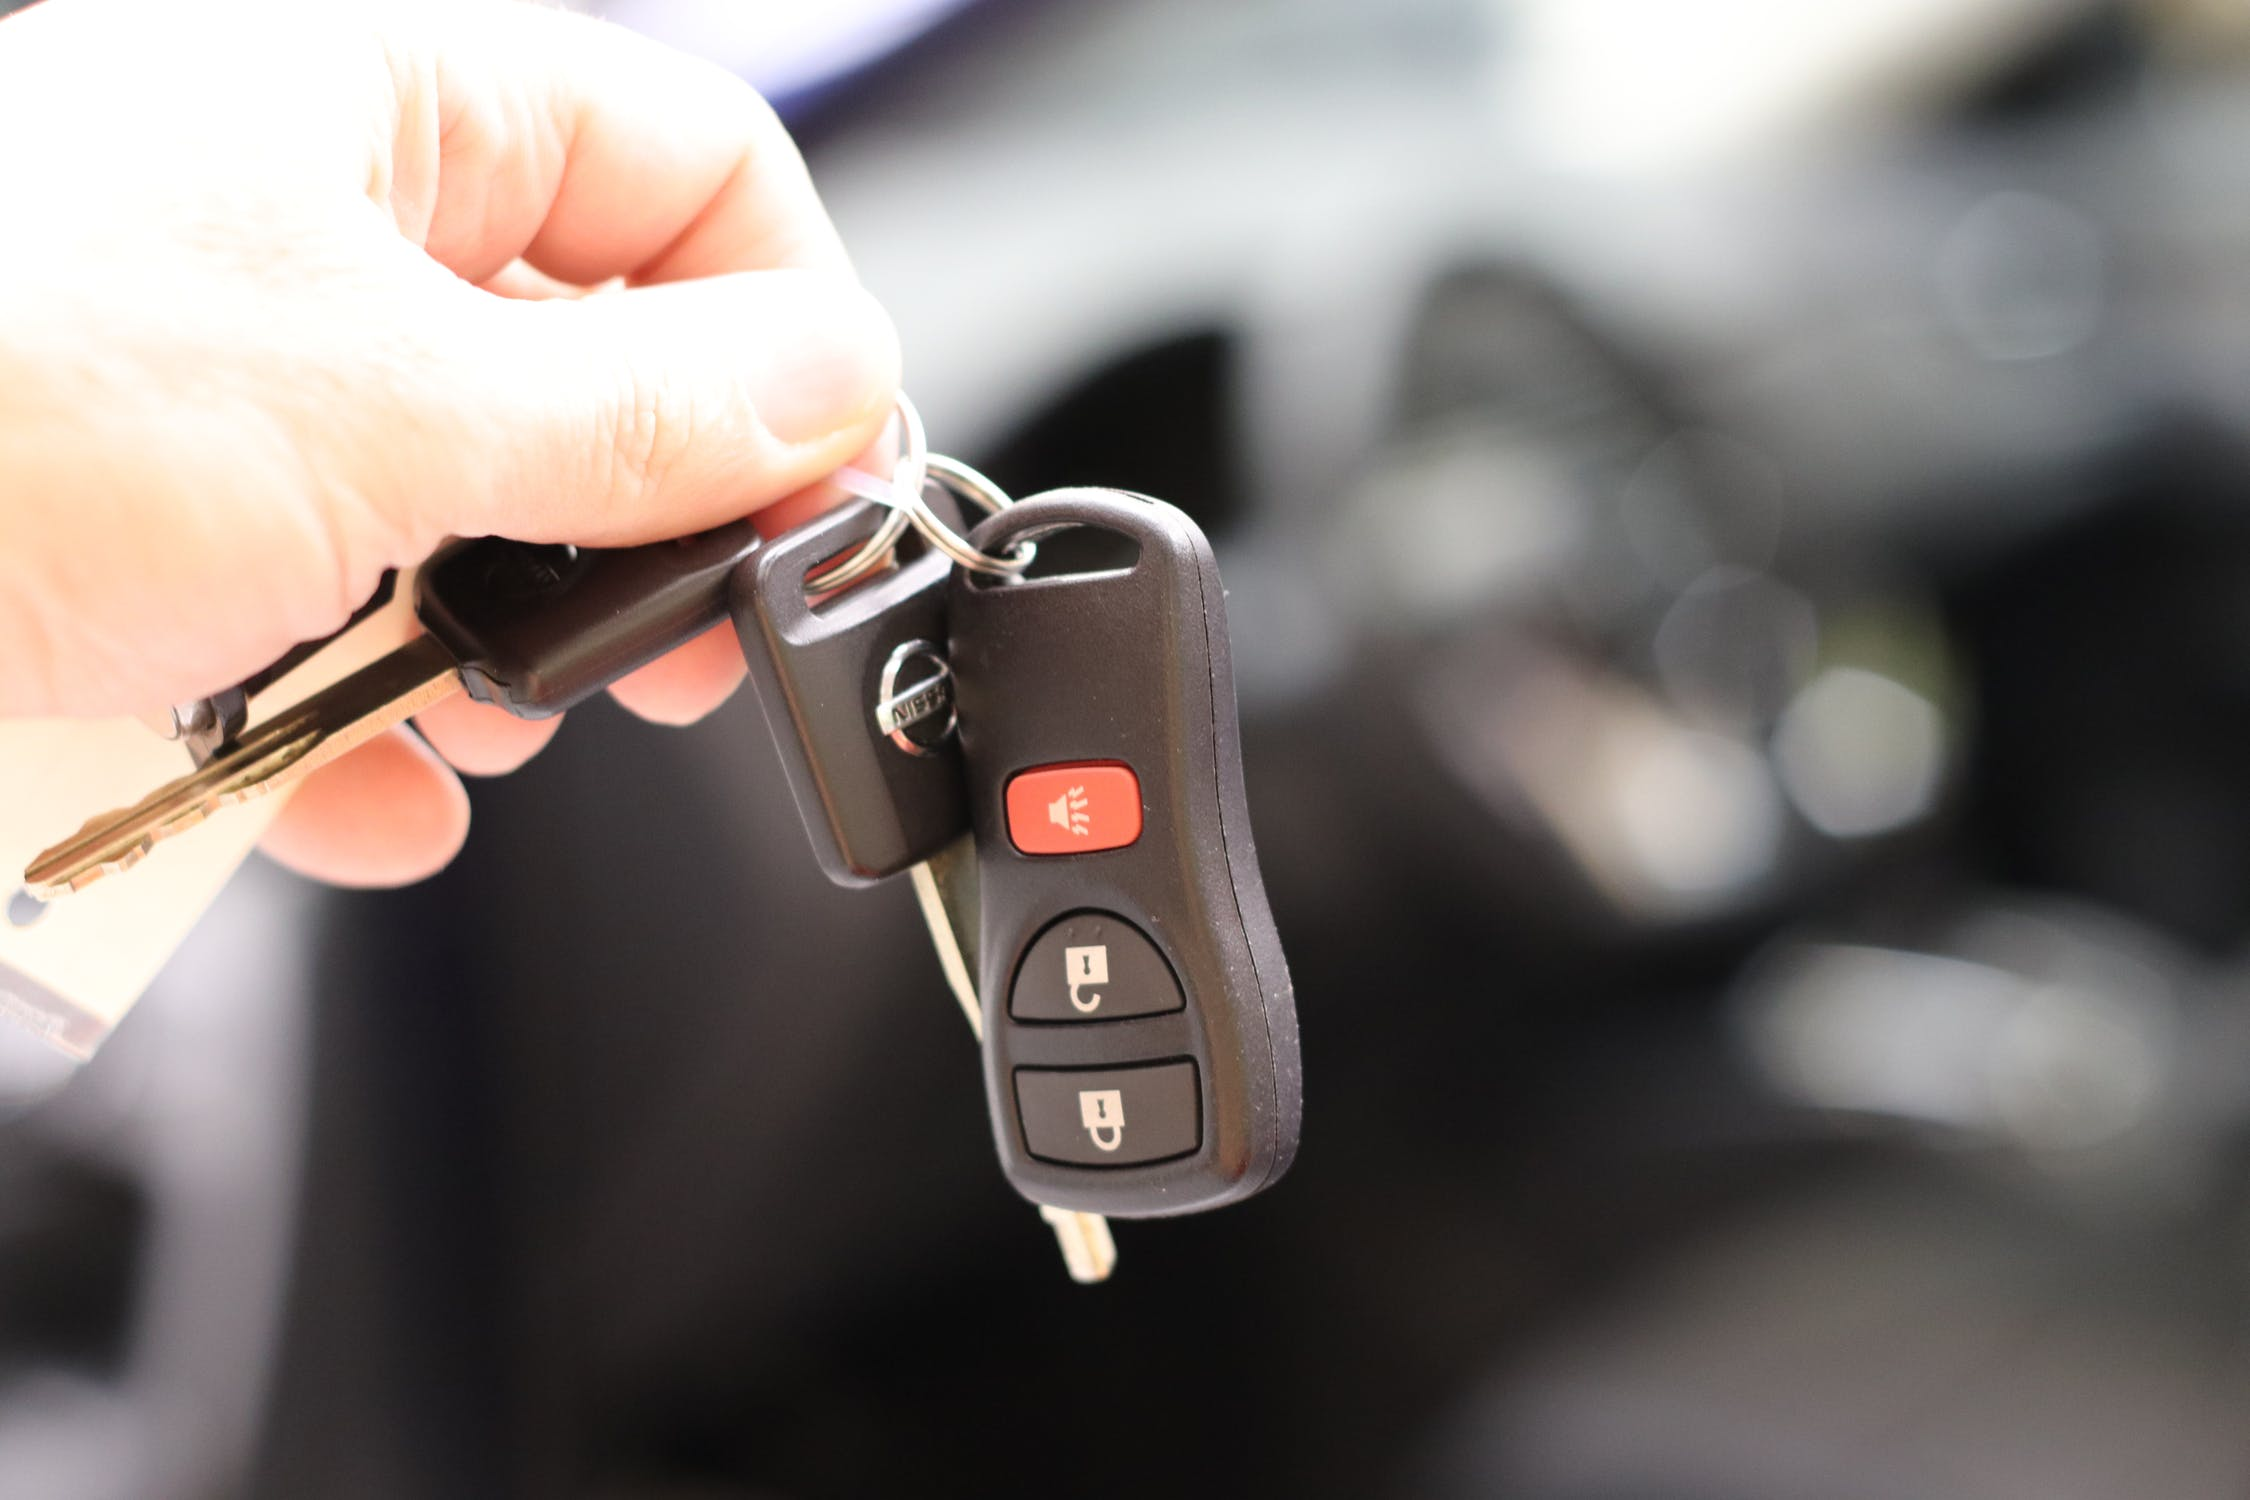 Seguridad y precio, los factores más importantes al comprar un coche 1